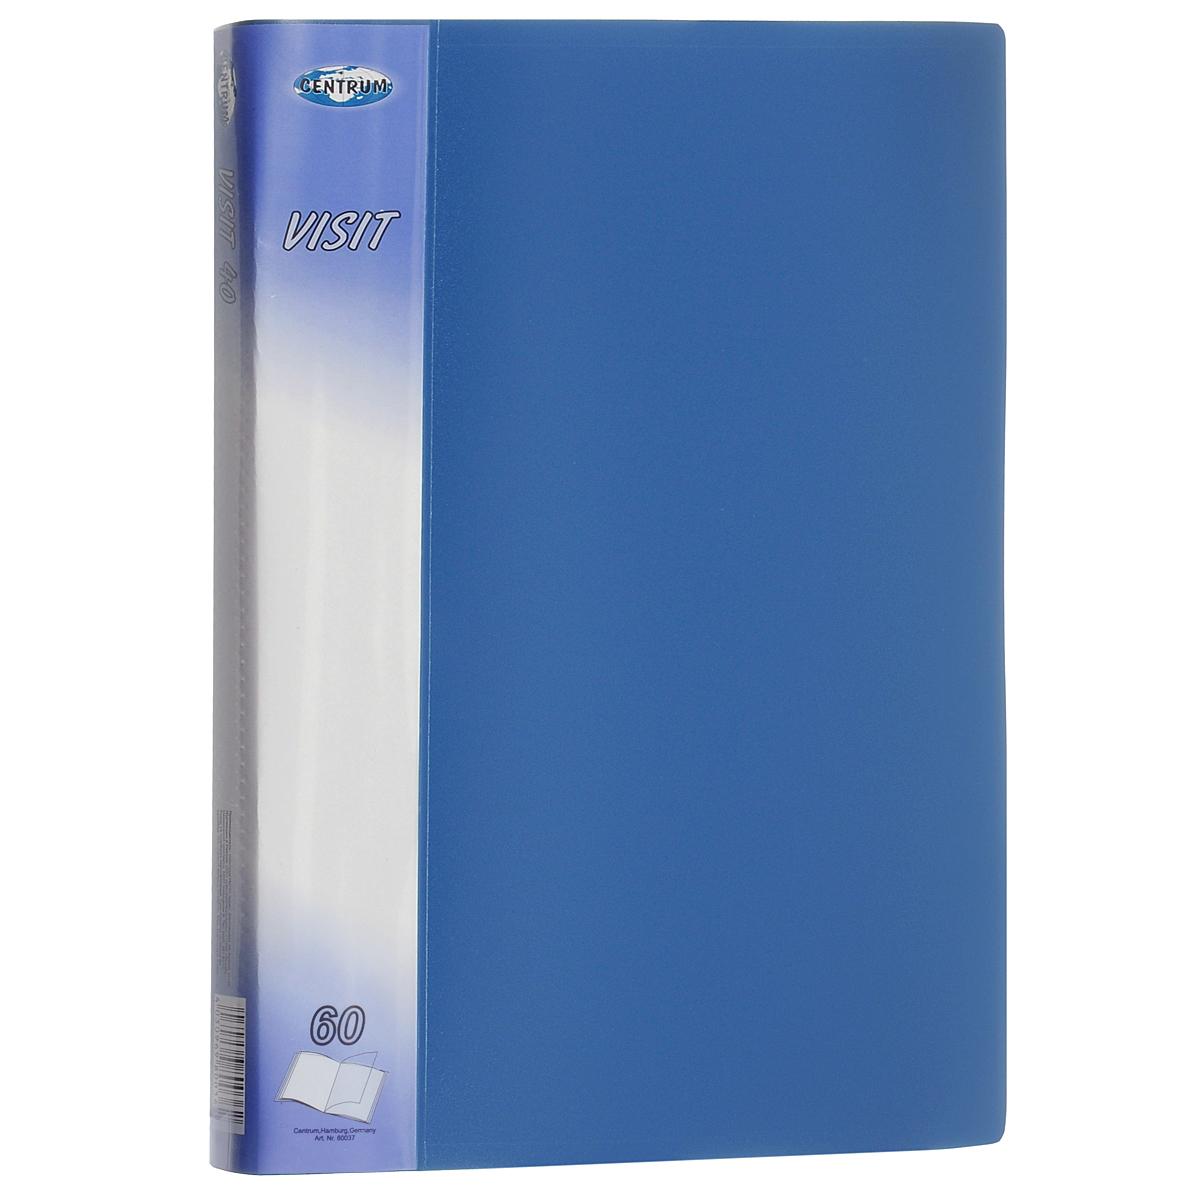 Папка Centrum Visit, 60 файлов, цвет: голубой. Формат А480037СПапка Centrum Visit - это удобный и функциональный офисный инструмент, предназначенный для хранения и транспортировки бумаг и документов формата А4. Обложка папки изготовлена из износостойкого непрозрачного пластика повышенной плотности и включает в себя 60 вкладышей-файлов формата А4. Папка имеет опрятный и неброский вид. Уголки папки закруглены, что предотвращает их загибание и надолго обеспечивает опрятный вид папки. Папка - это незаменимый атрибут для студента, школьника, офисного работника. Такая папка надежно сохранит ваши документы и сбережет их от повреждений, пыли и влаги.